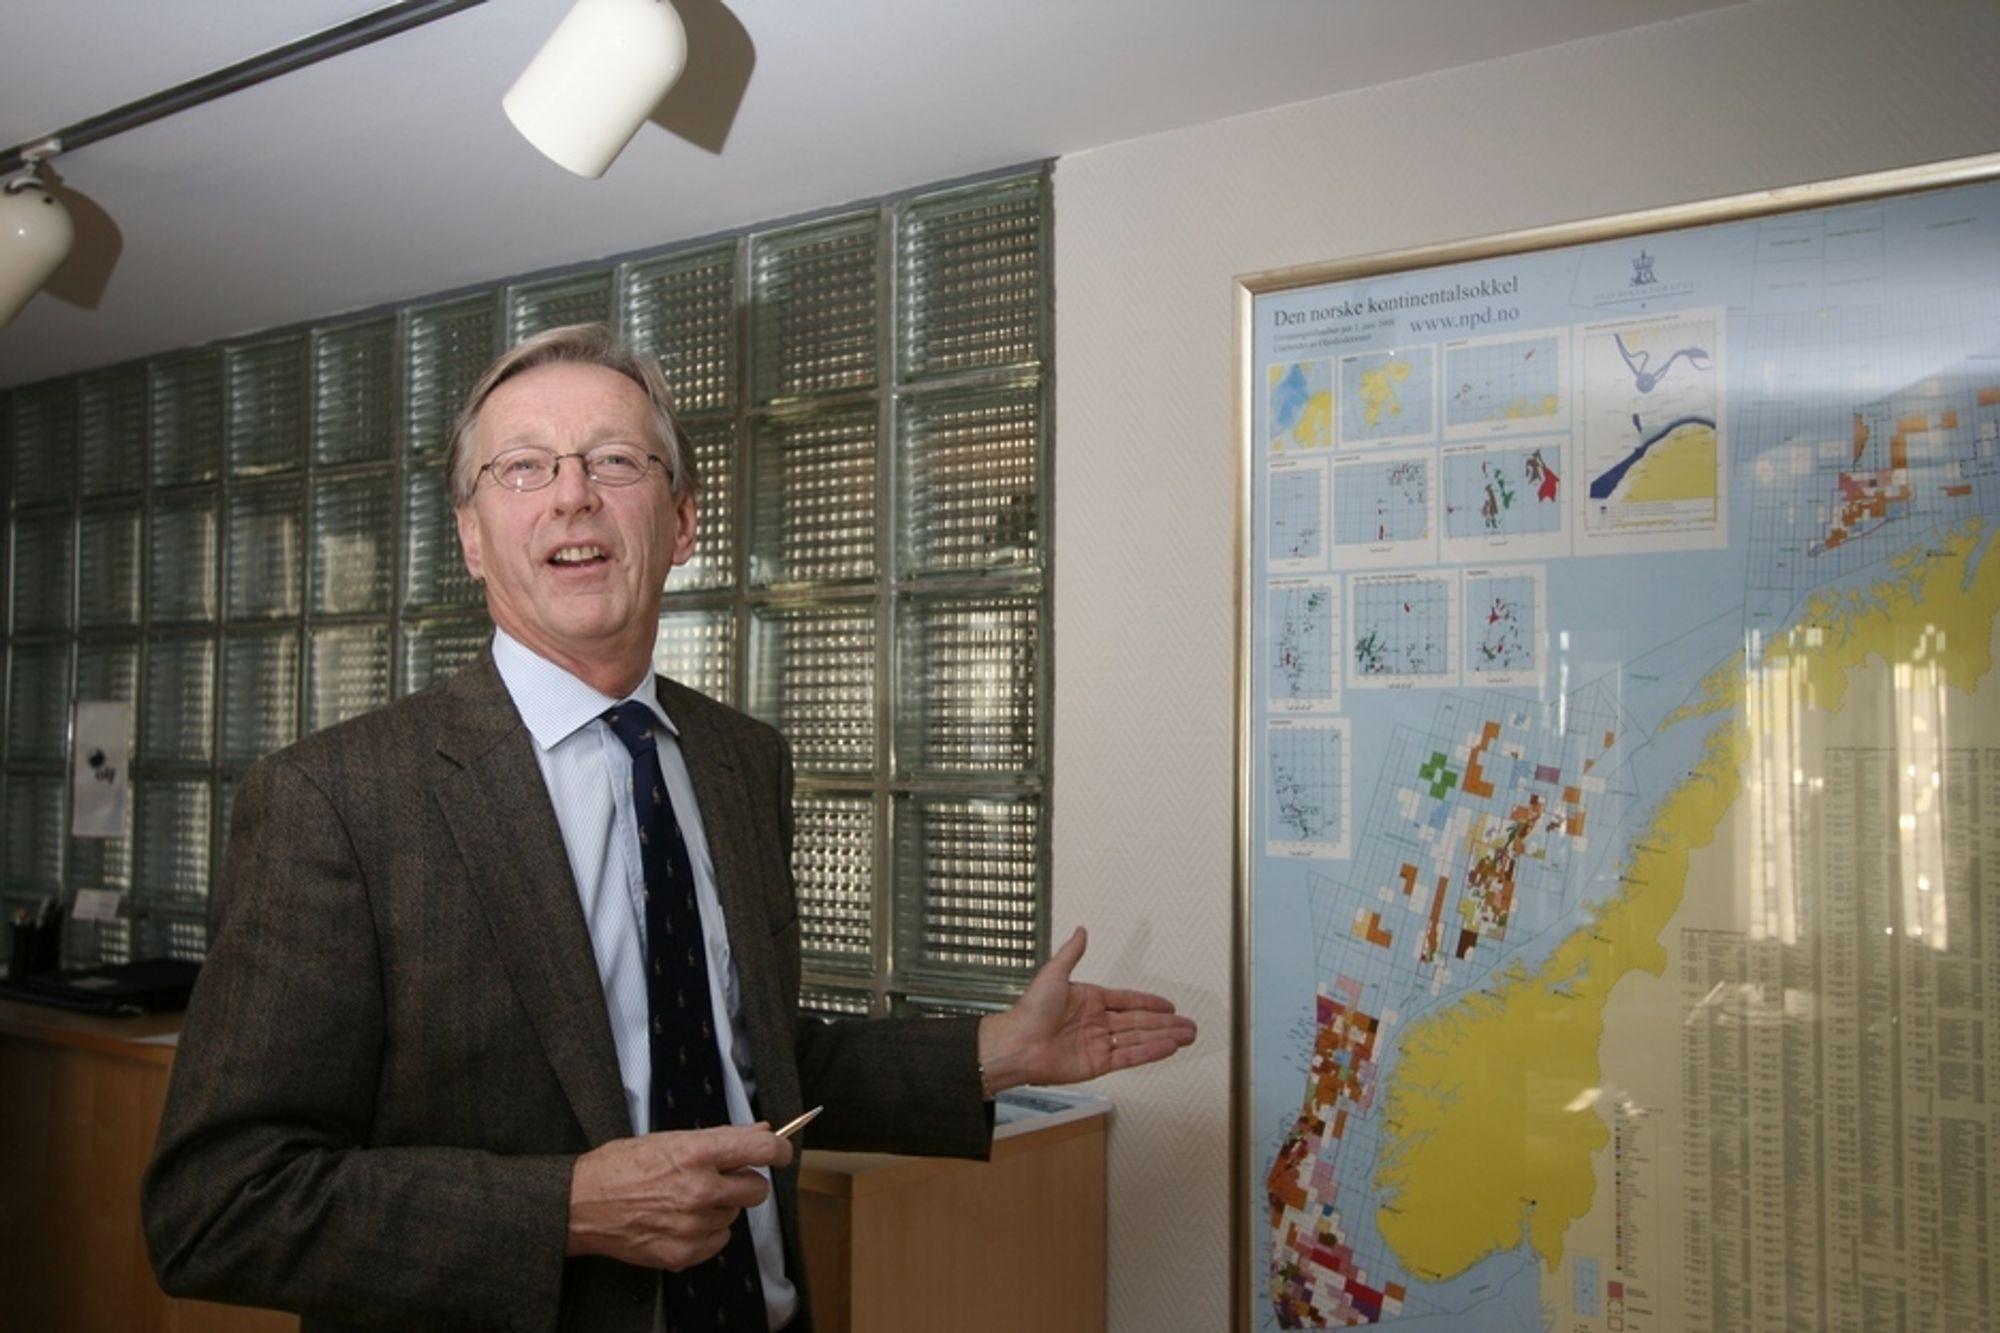 POSITIV: Per Terje Vold mener at APs landmøtevedtak er positivt og at det gir et signal om åpning av de lukkede områdene utenfor Lofoten og Vesterålen.